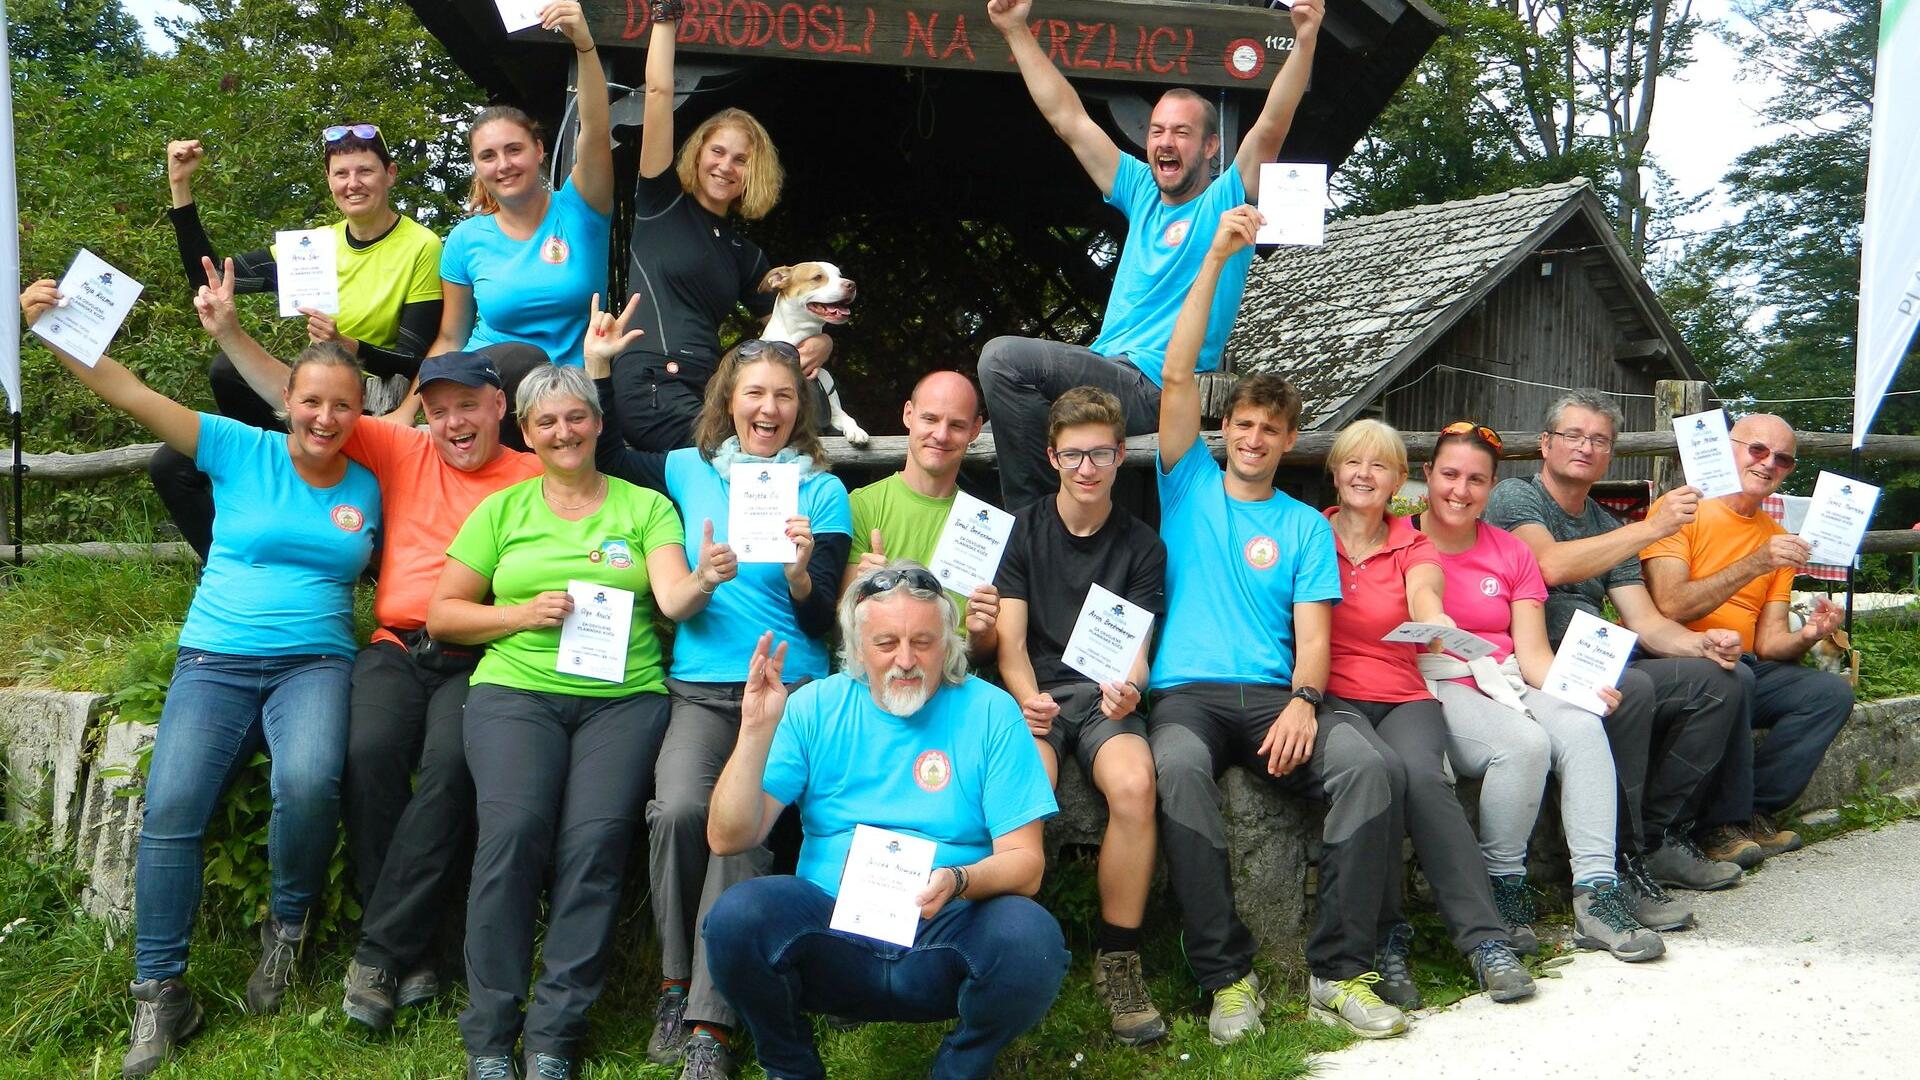 Na sliki skupina nasmejanih planincev, ki so osvojili priznanja ZNAKO-dnevnika akcije GSPK, foto arhiv GSPK